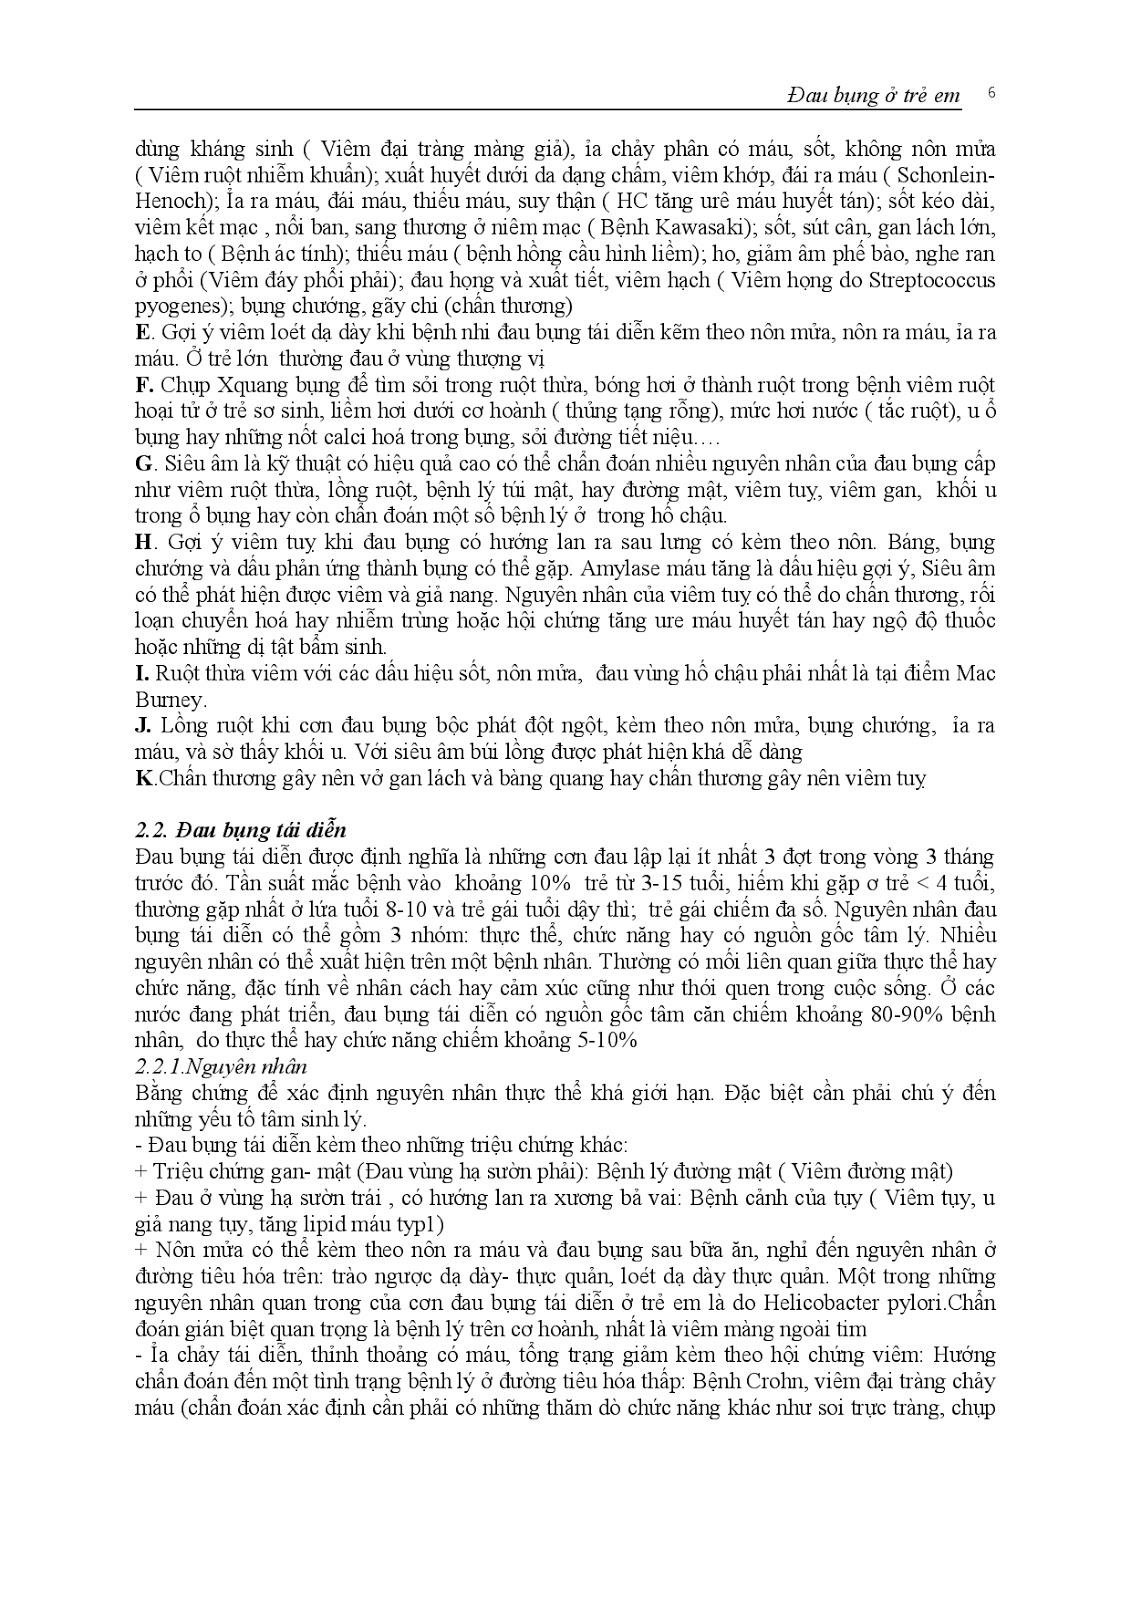 Trang 6 sach Bài giảng Nhi khoa II (Nhi hô hấp - Nhi tiêu hóa - Nhi lây) - ĐH Y Huế